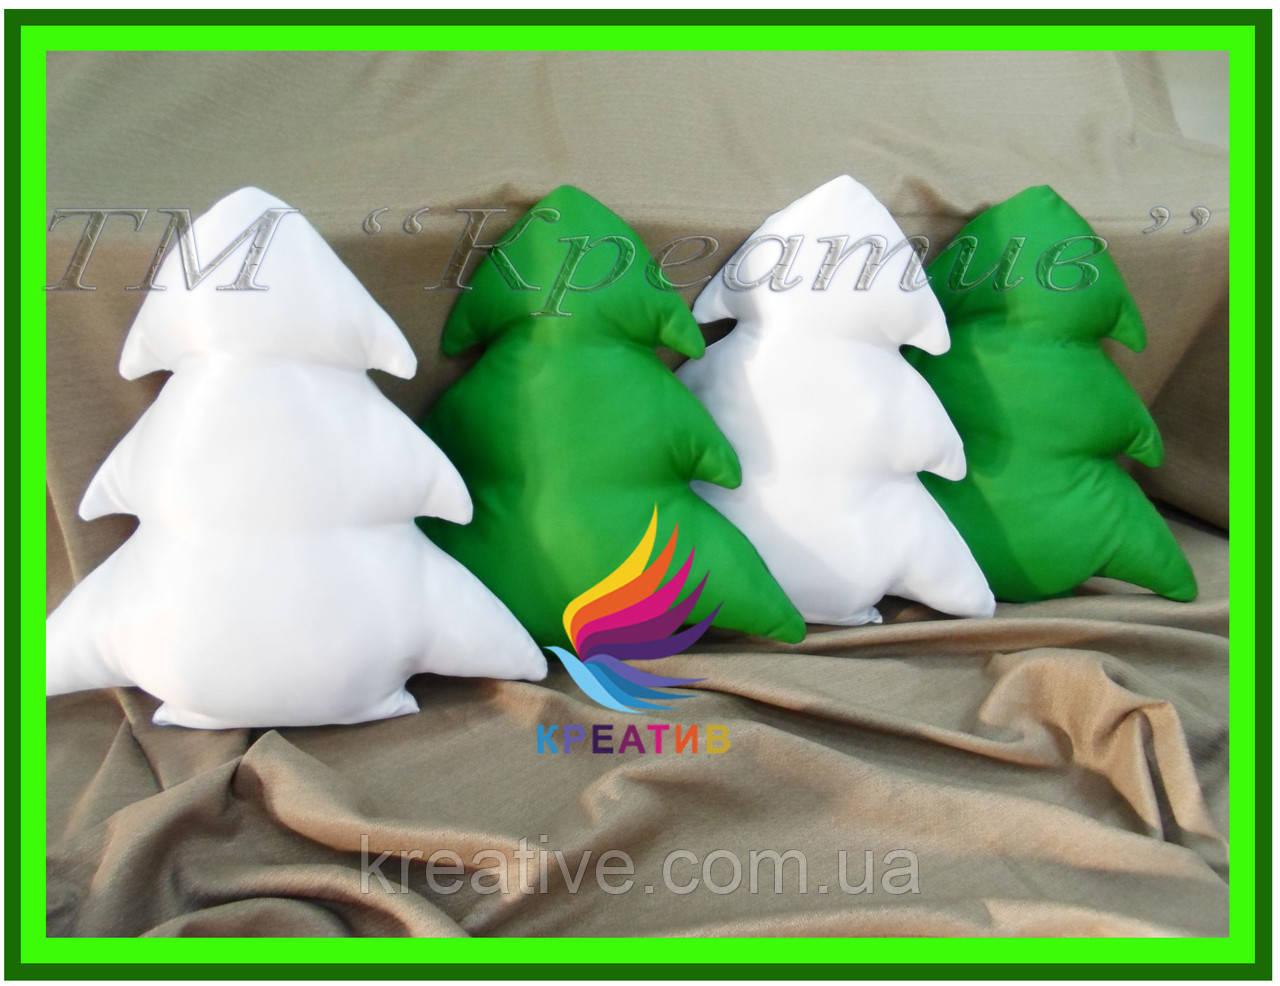 Новогодние подушки елки оптом с Вашим логотипом (от 100 шт)